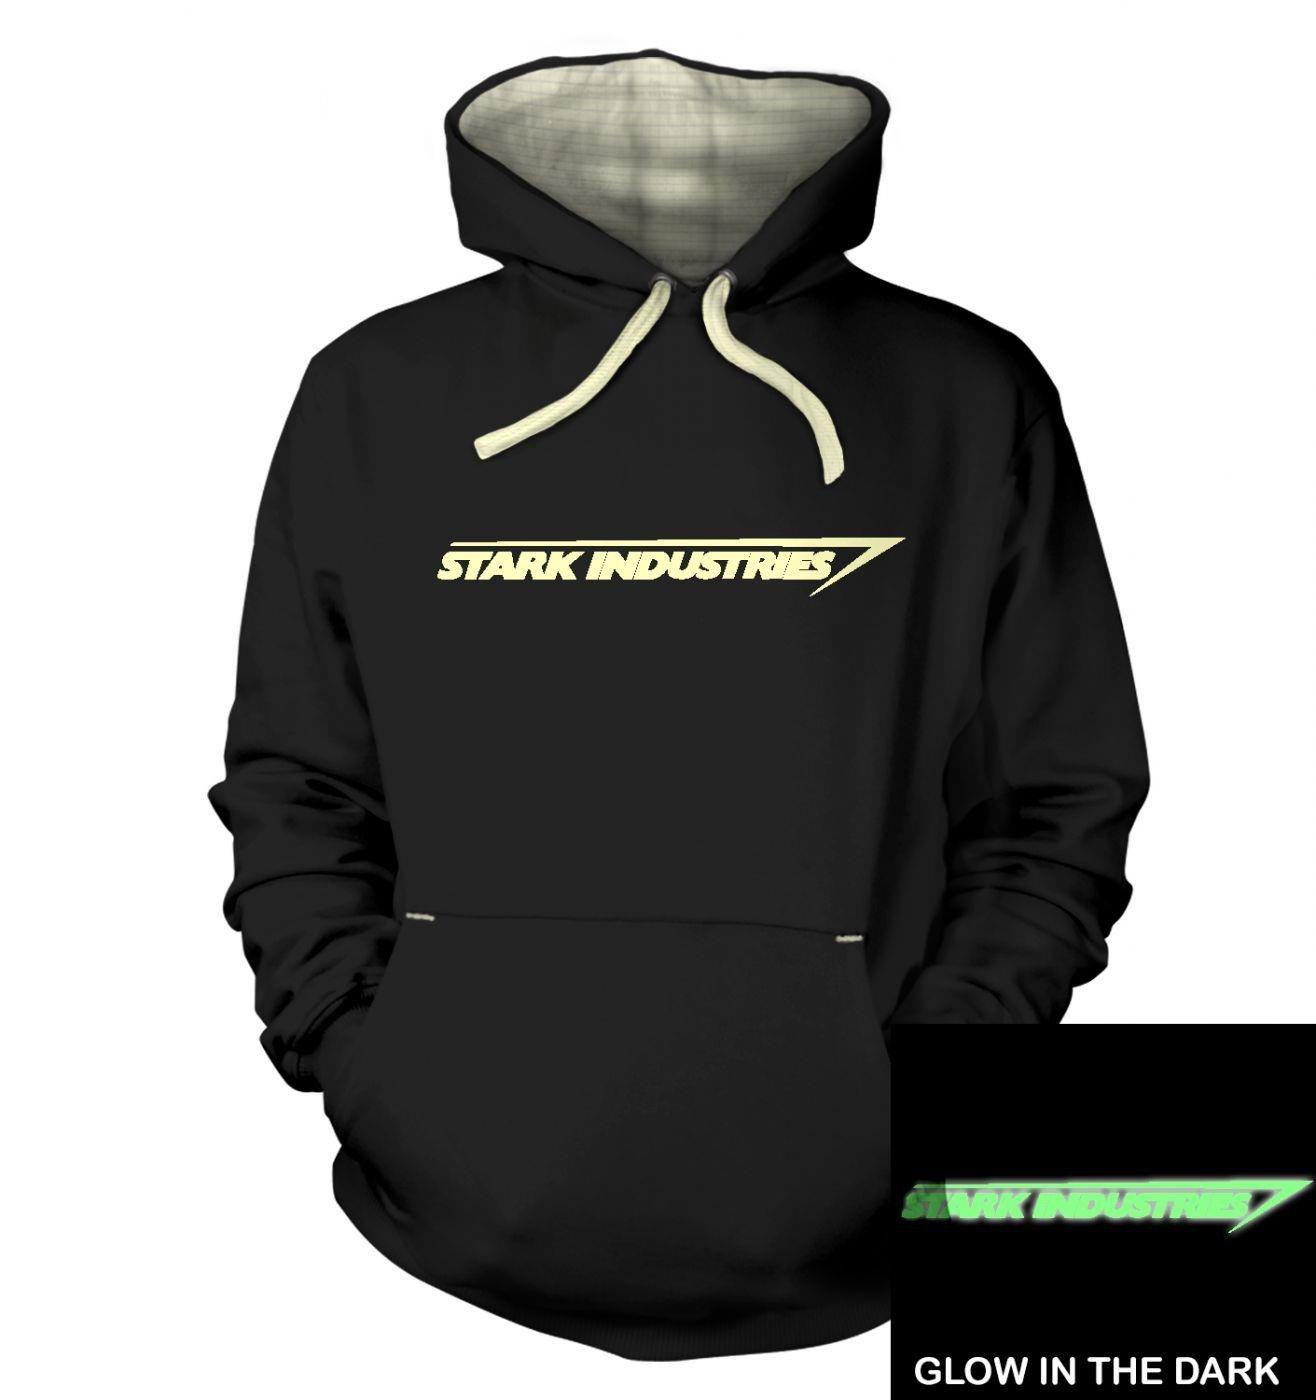 Stark Industries (glow in the dark) hoodie (premium)